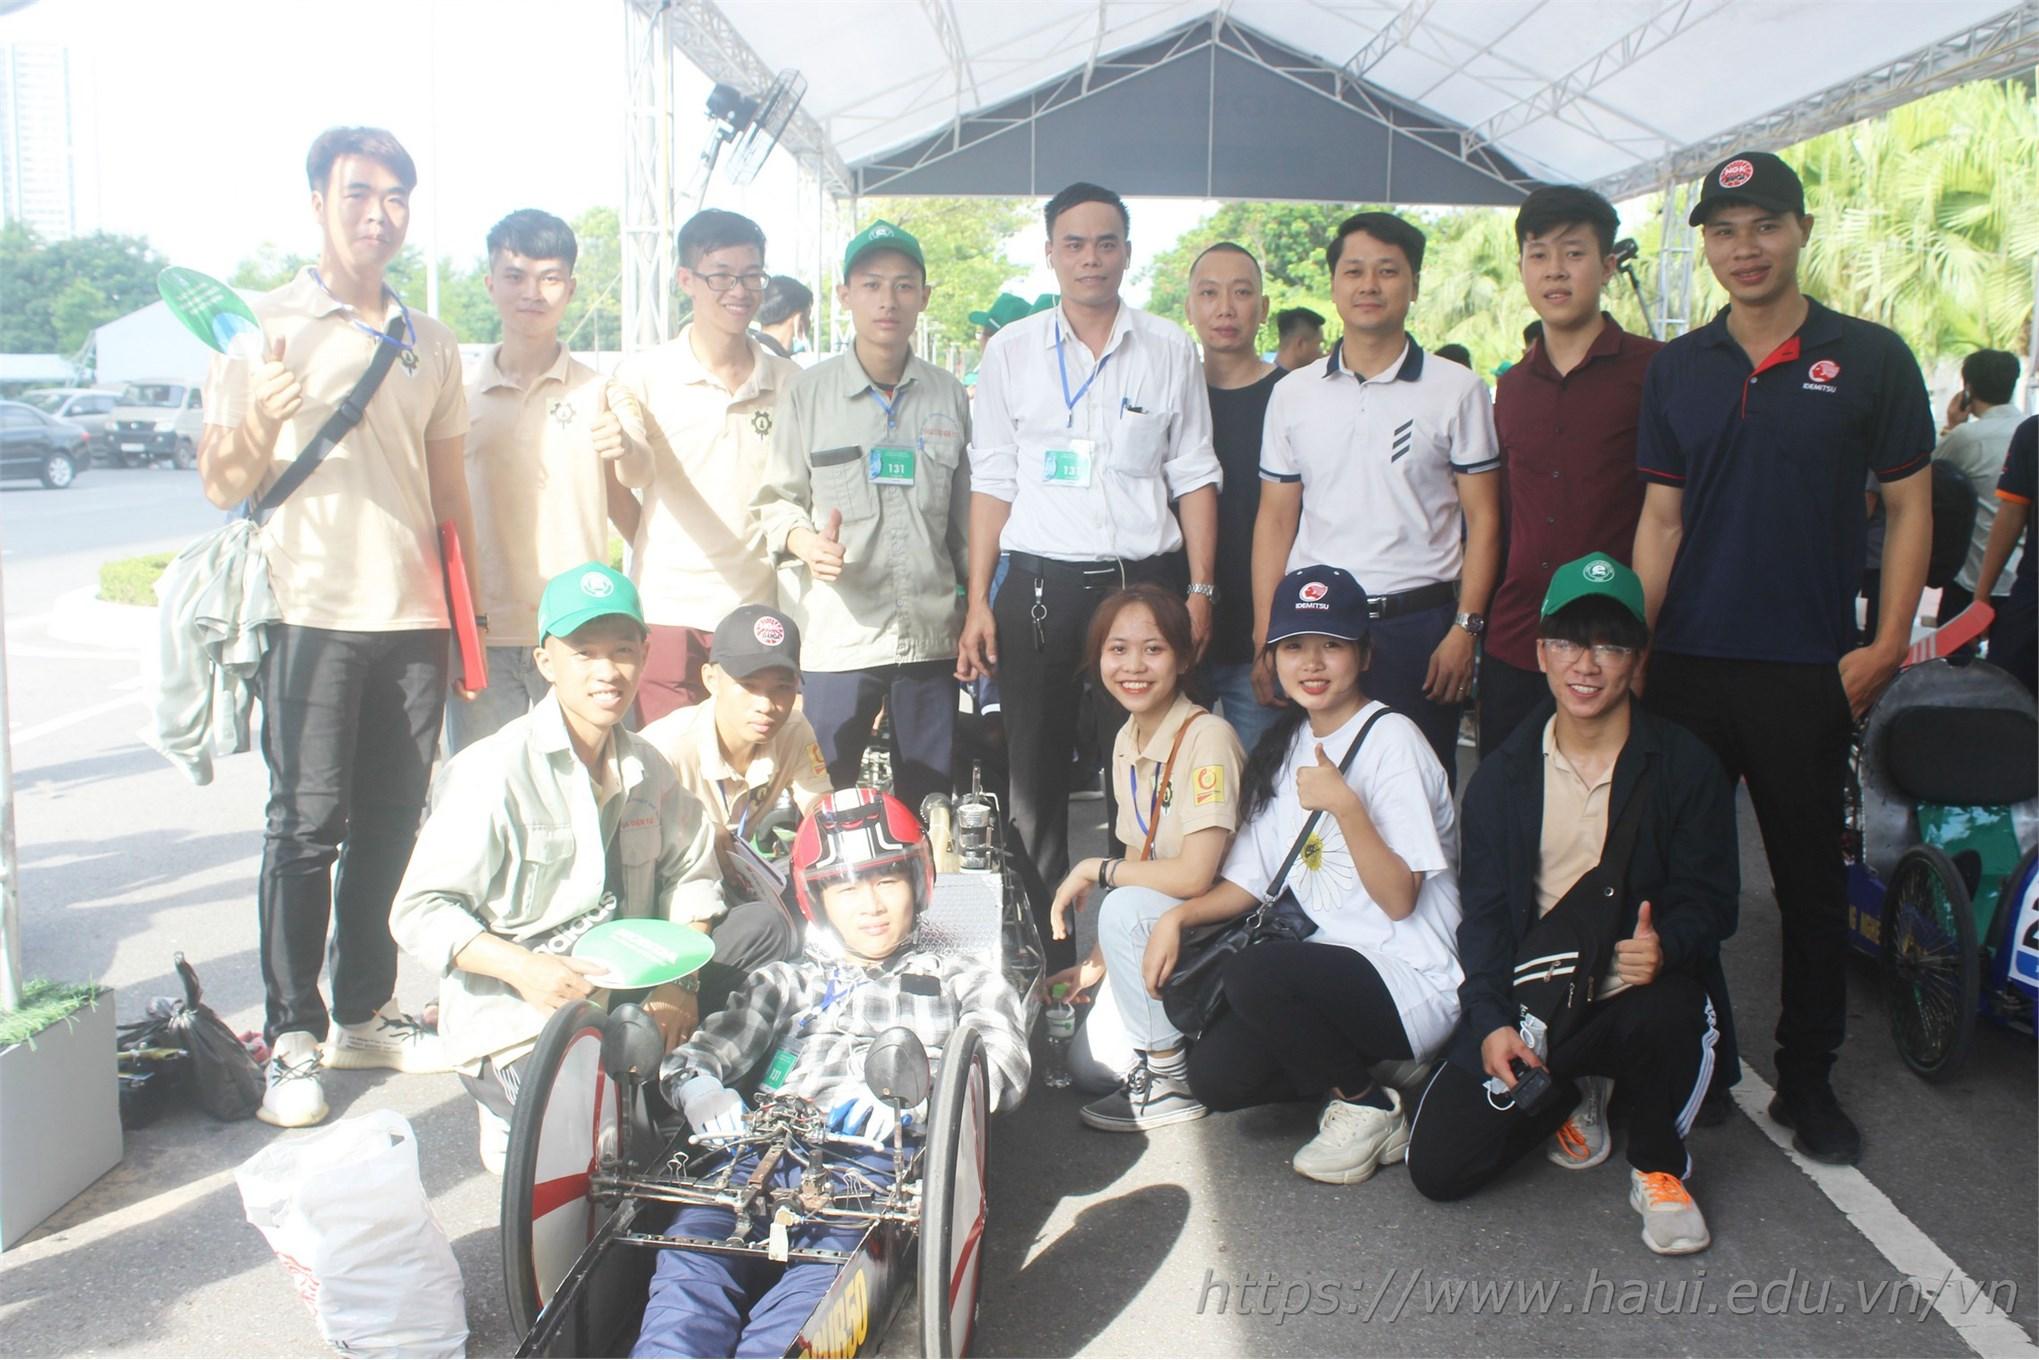 TS, Nguyễn Anh Ngọc - Trưởng khoa Công nghệ Ô tô đã có mặt từ rất sớm để cổ vũ thầy và trò đội tuyển Super Cup 50 trước khi tham dự cuộc đua chính thức